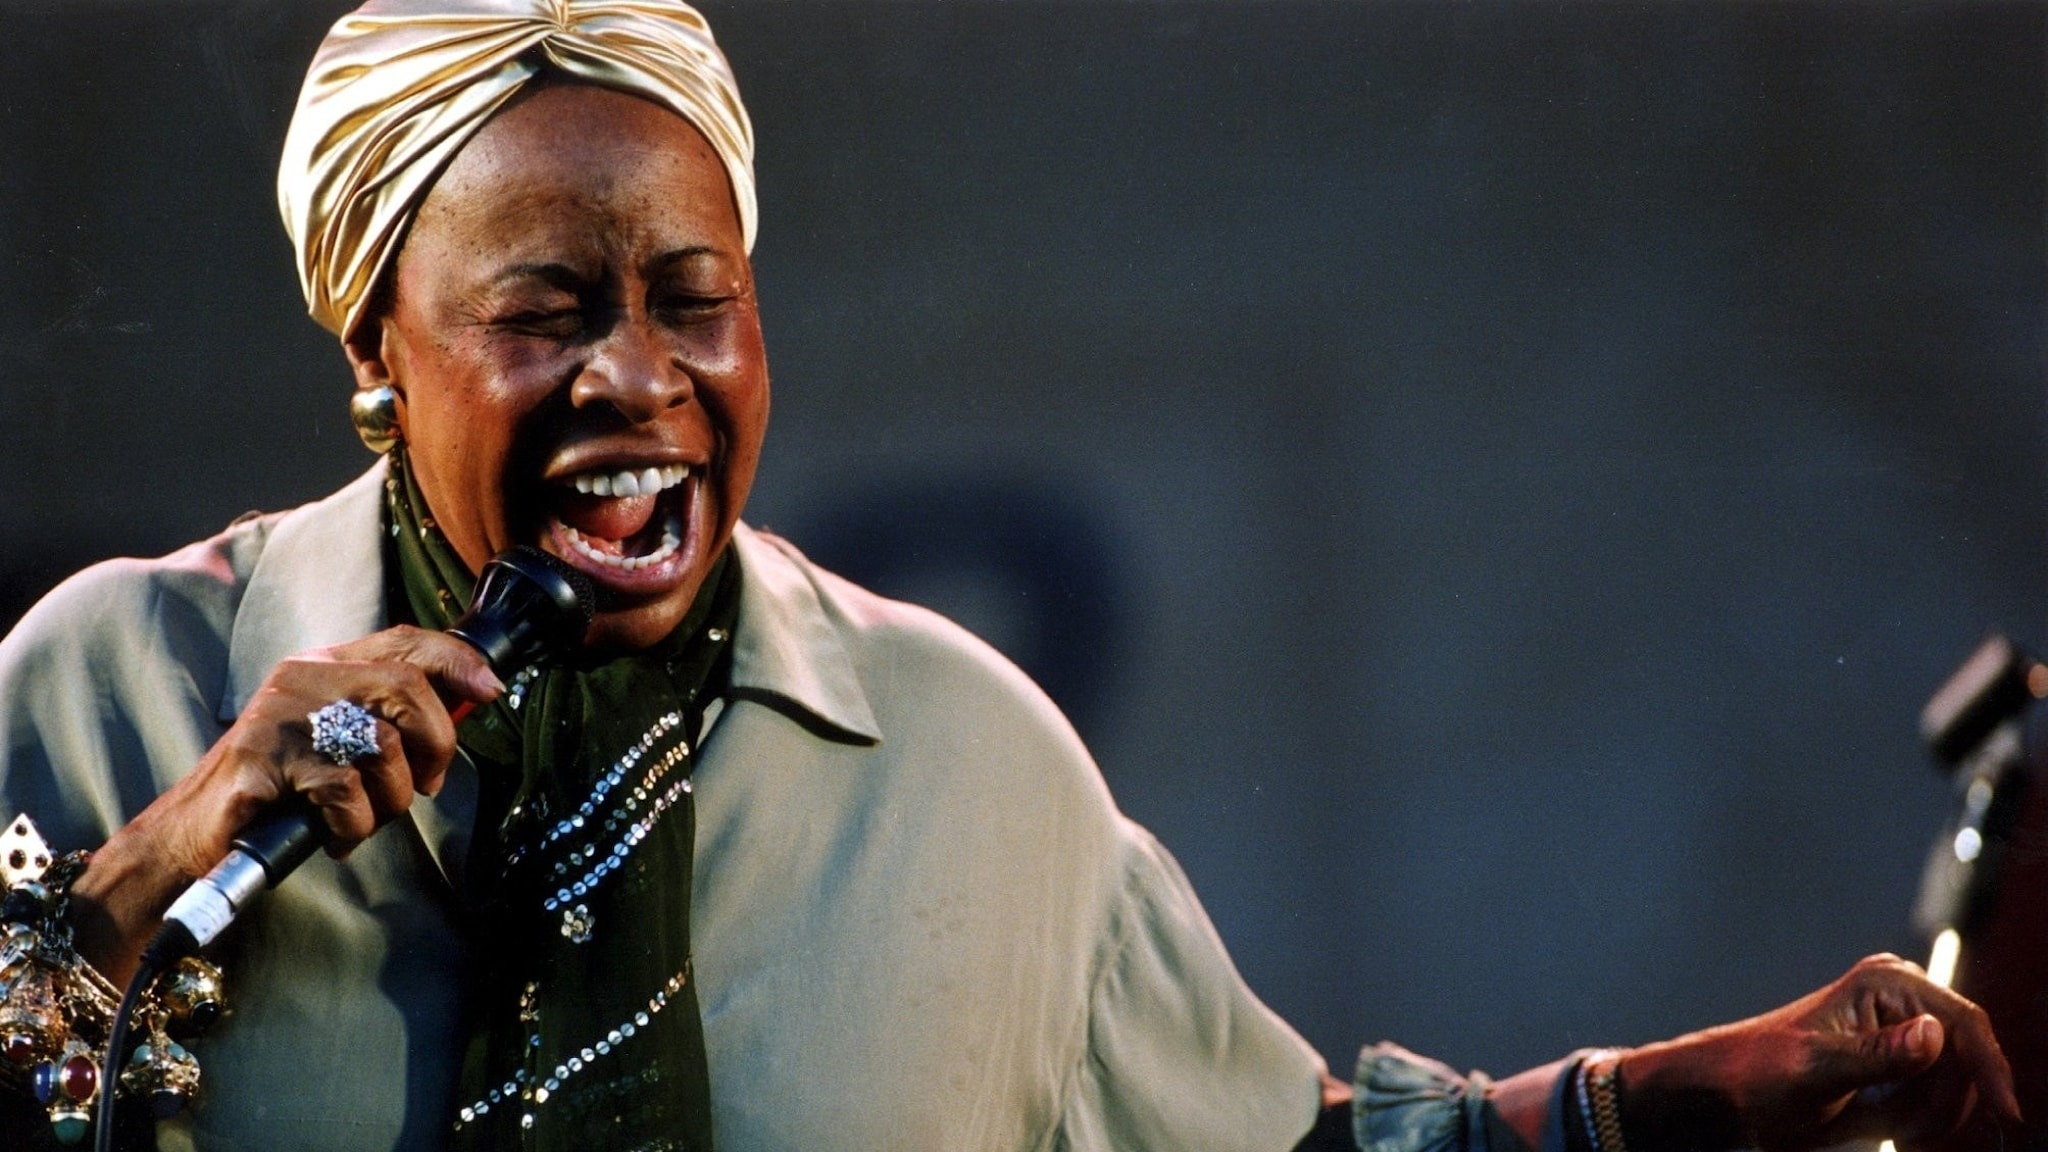 Sångerskan Betty Carter som med stor inlevelse sjunger i en mikrofon